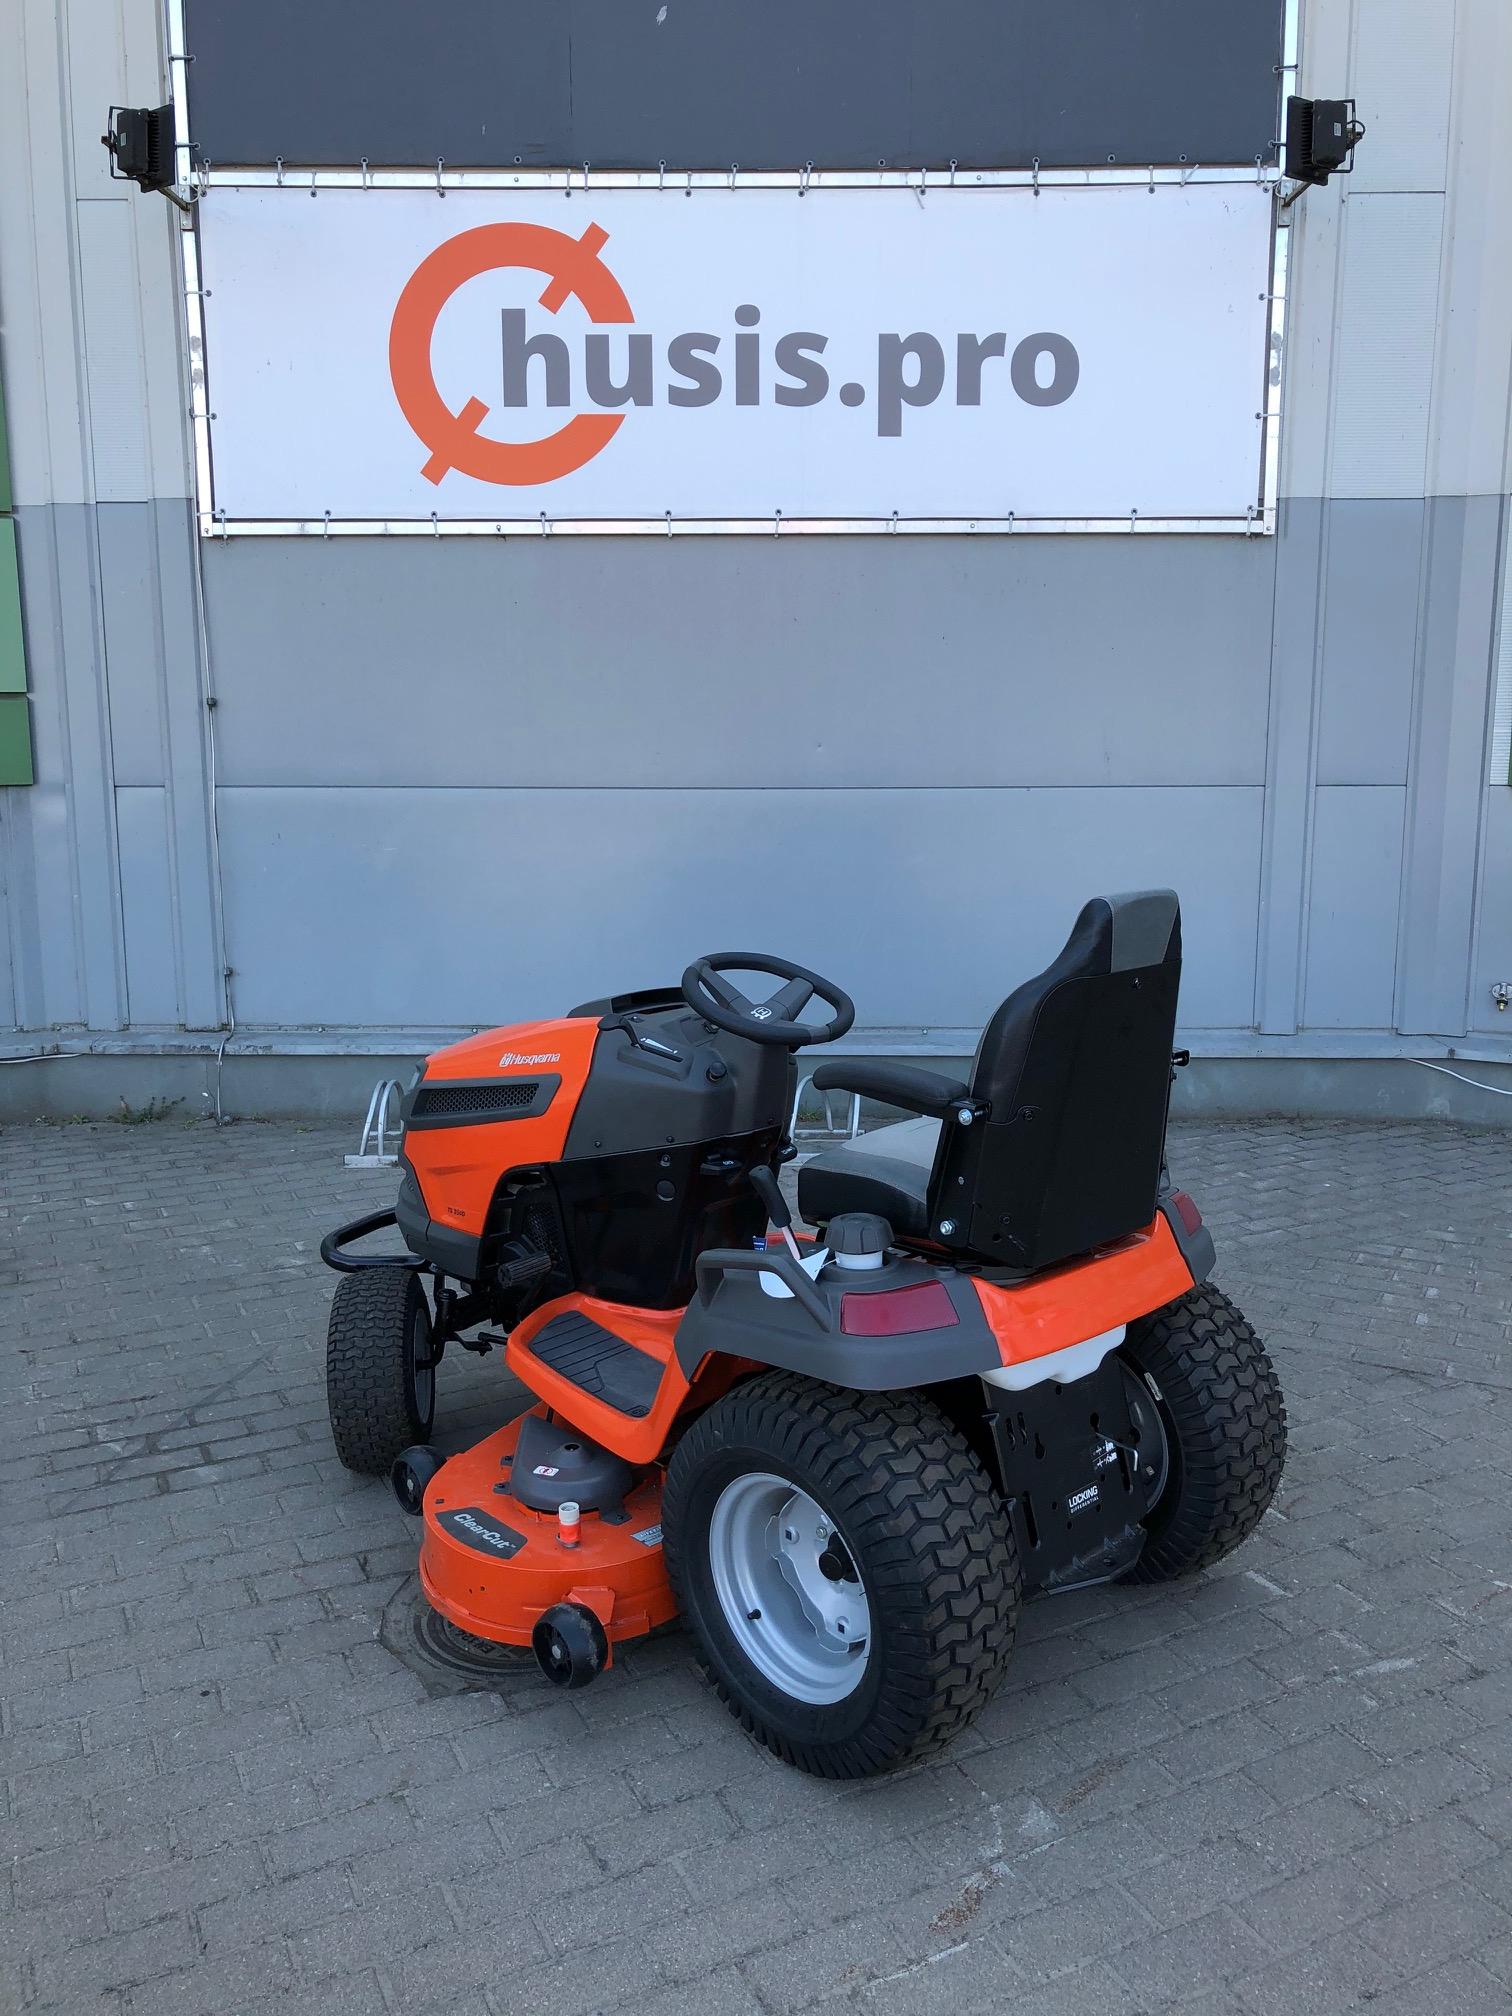 Oranžs Husqvarna dārza traktors, modelis ''TS354D'', skats no aizmugures kreisās puses